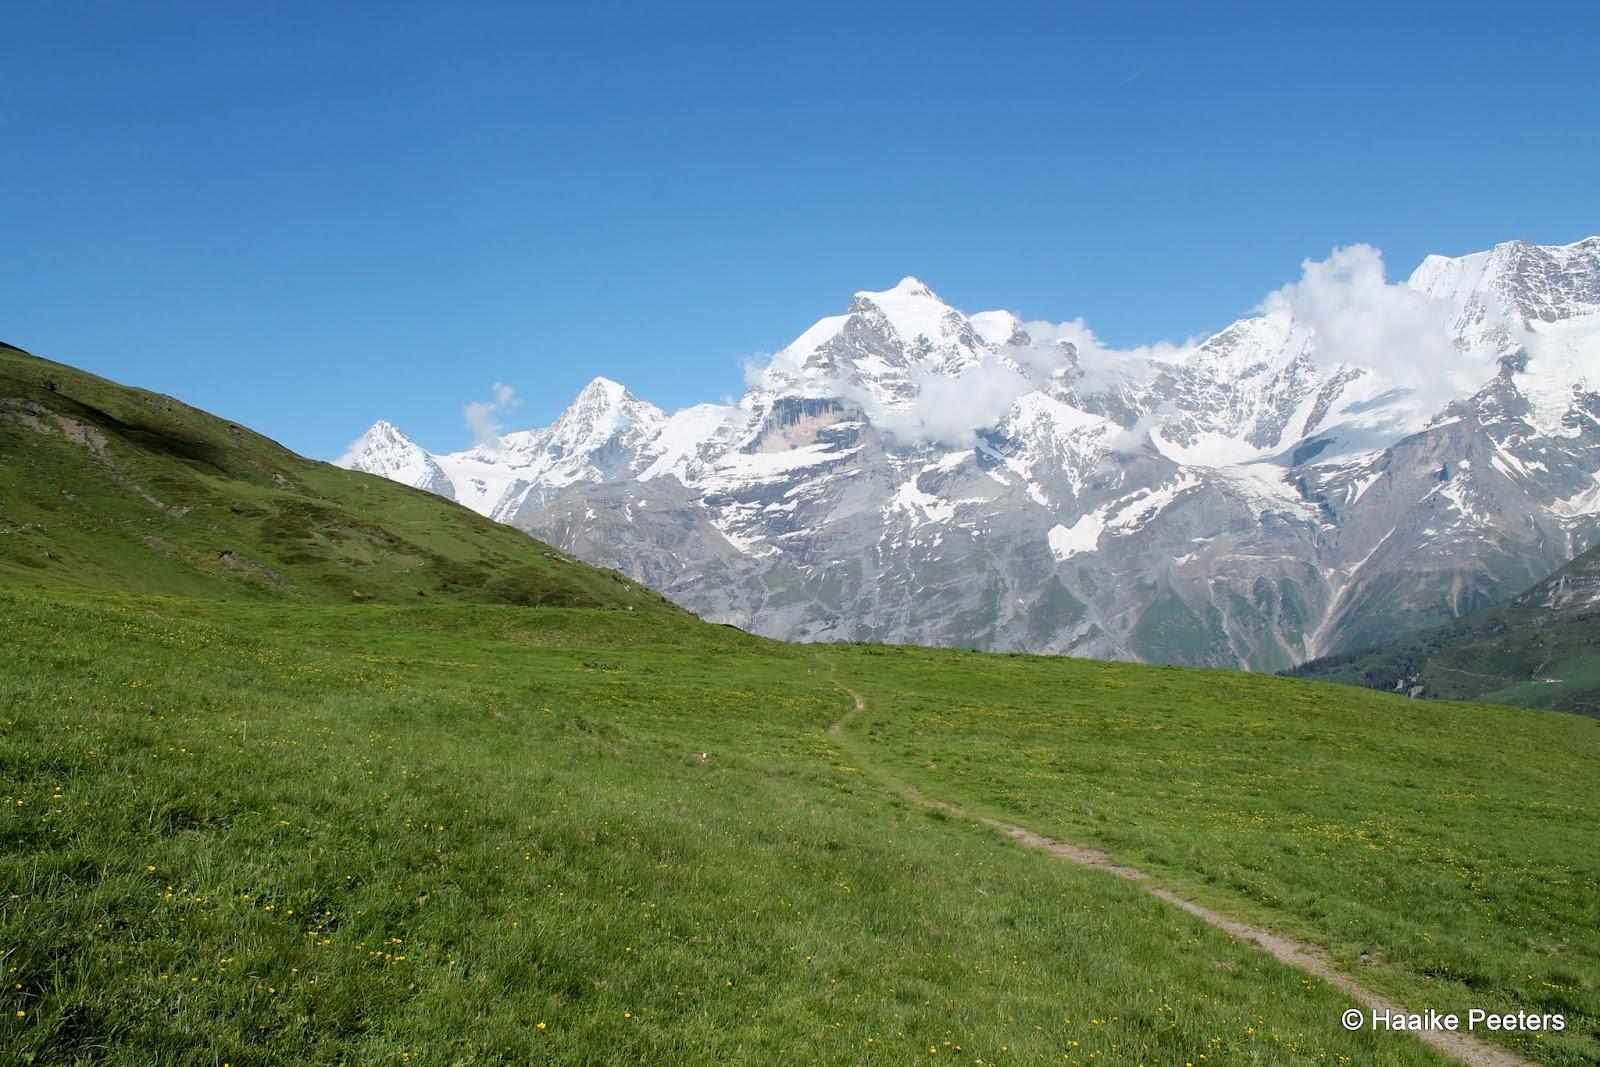 Eiger, Mönch & Jungfrau (Le petit requin)